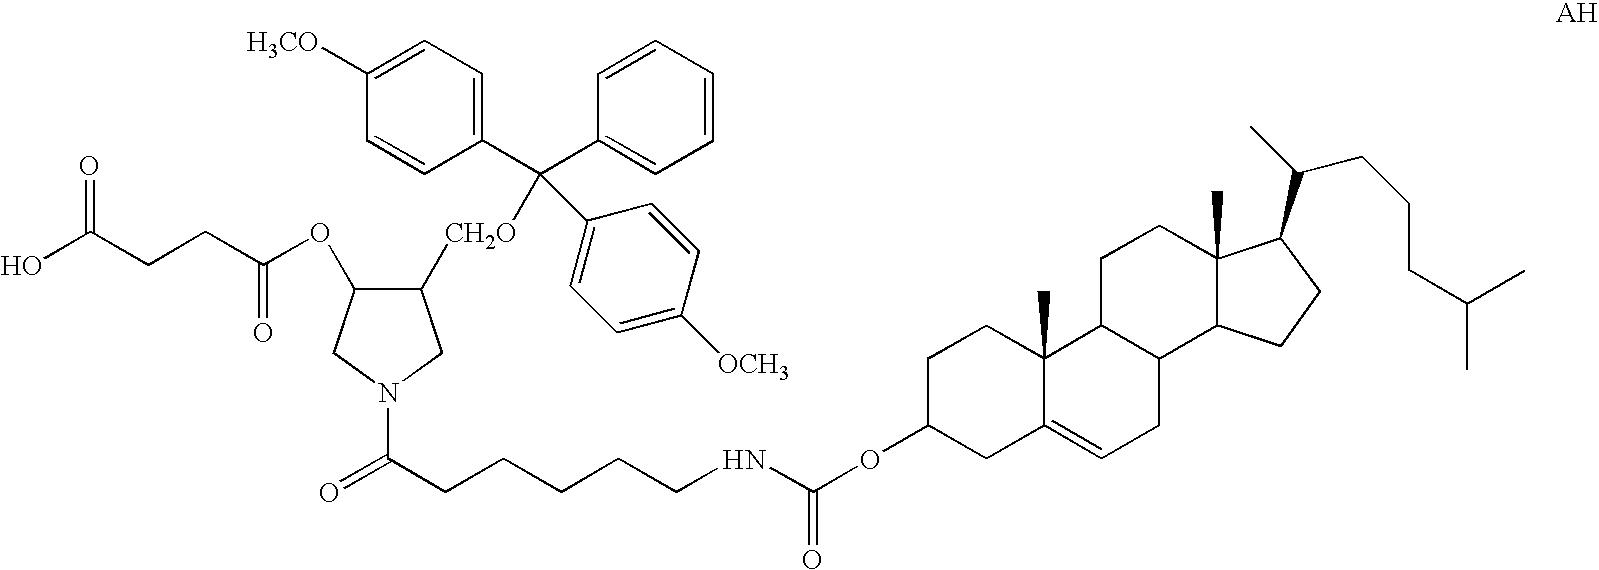 Figure US20100168206A1-20100701-C00009